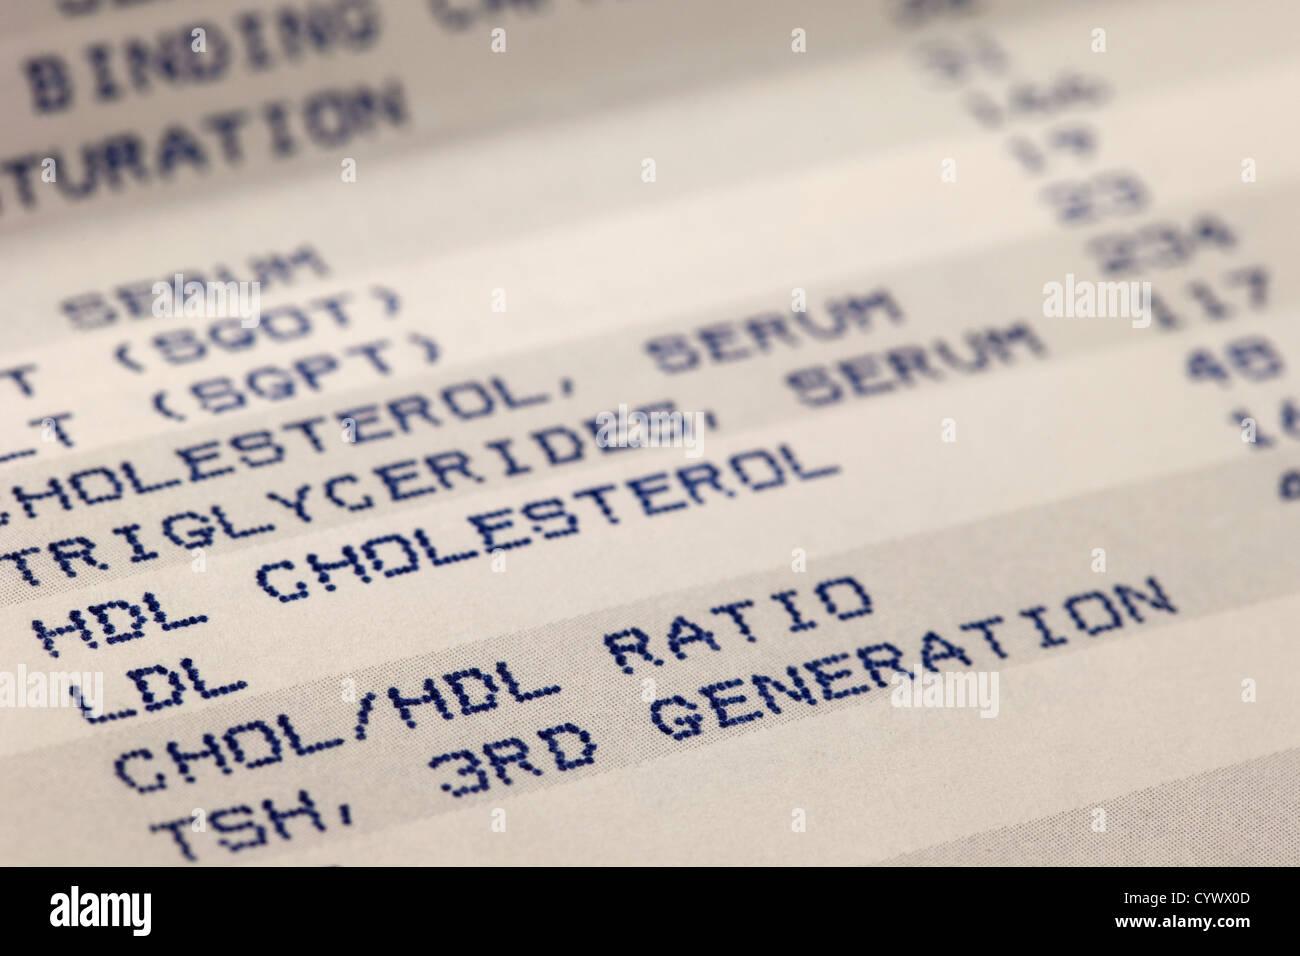 Détail de l'impression des résultats de dépistage sanguin avec l'accent sur le cholestérol Banque D'Images